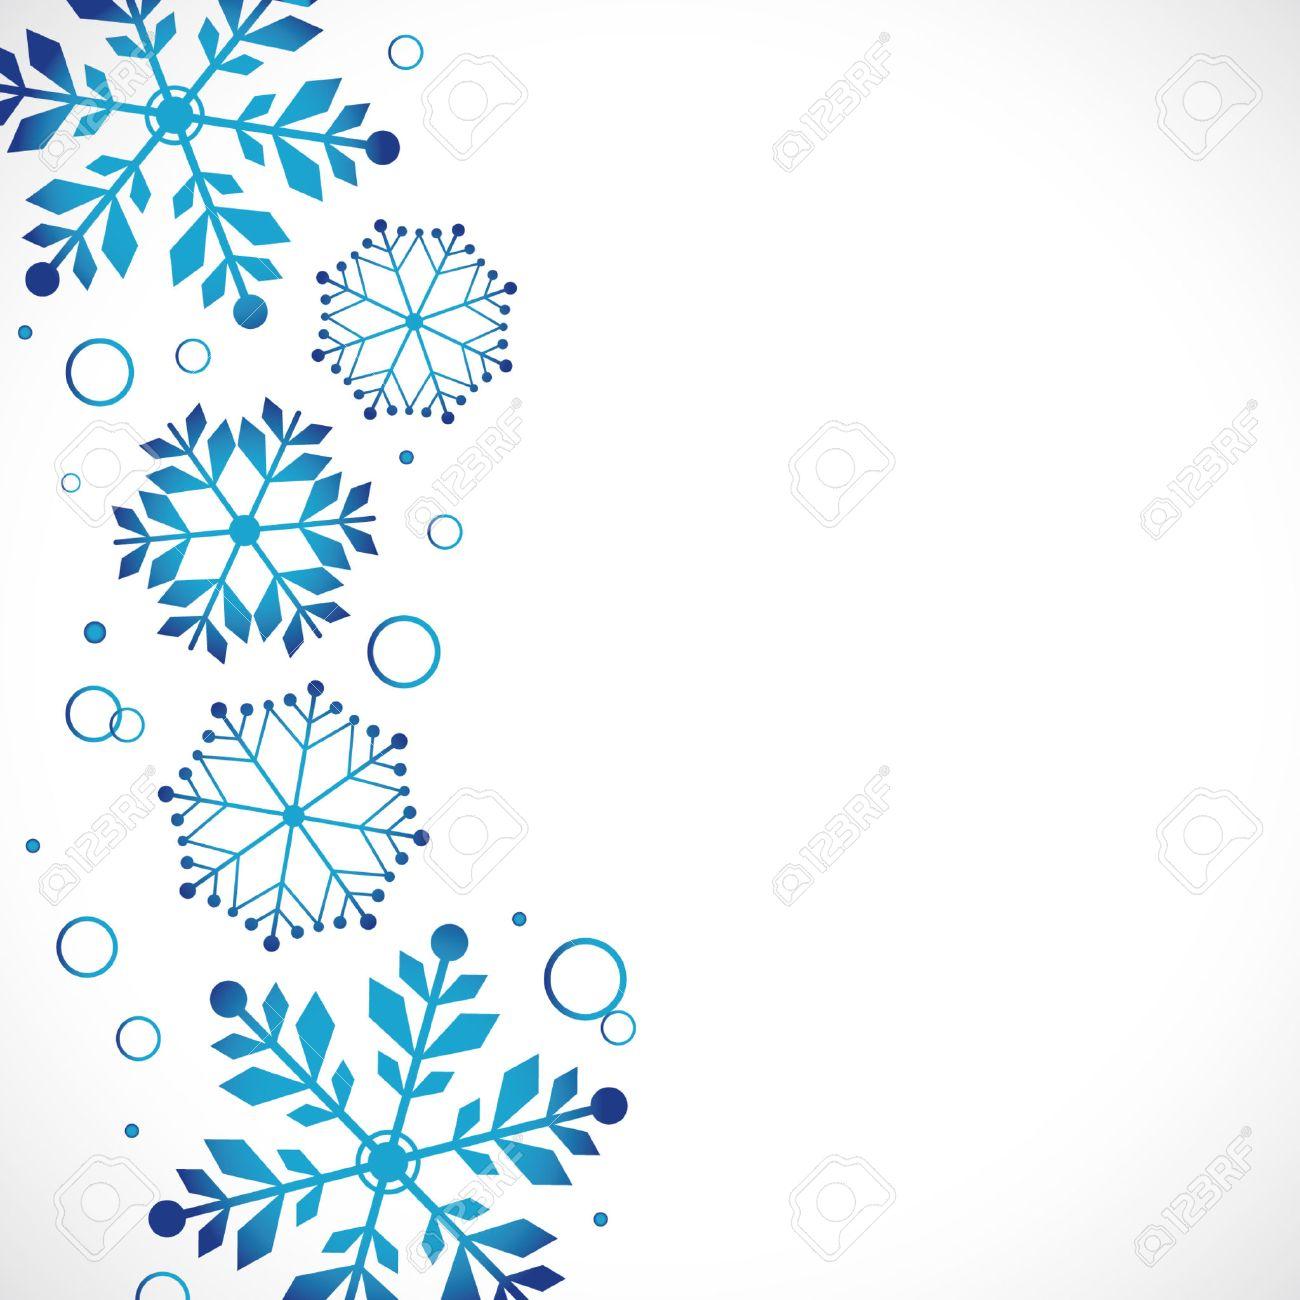 雪背景イラスト ロイヤリティフリークリップアート、ベクター、ストック